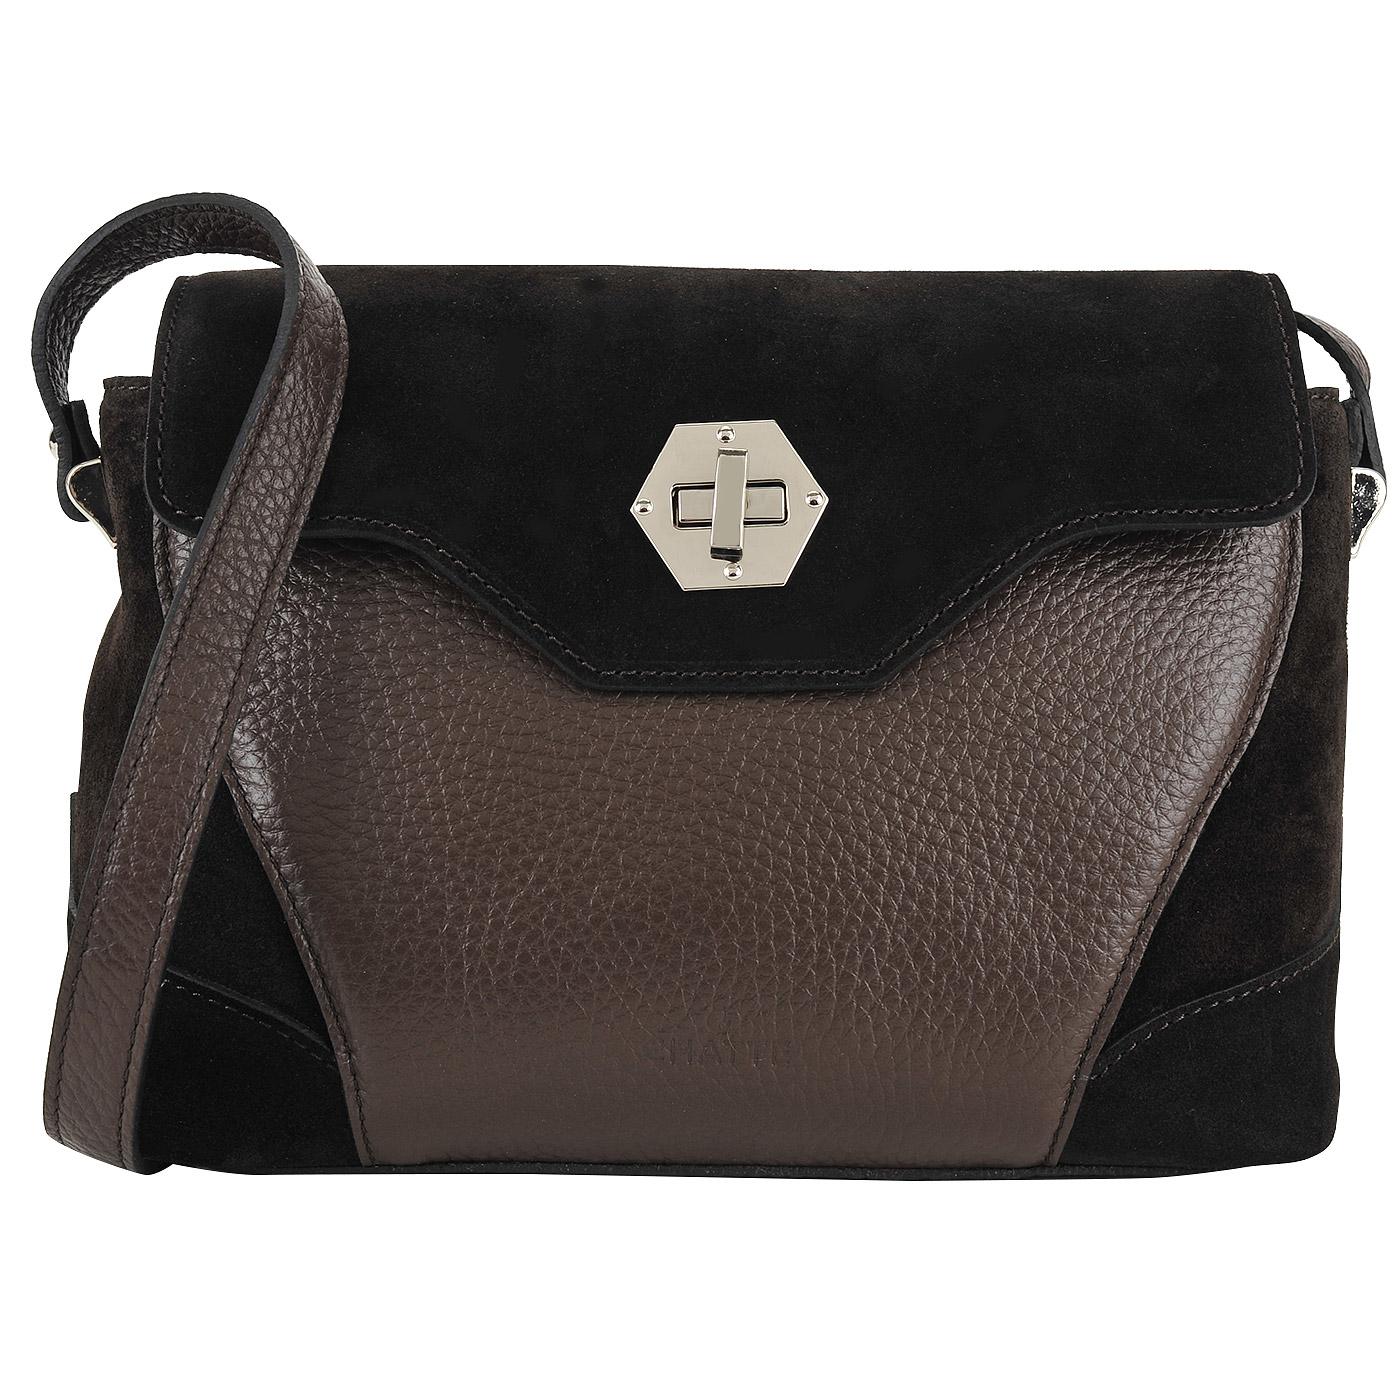 e76aadef5ef1 ... Маленькая женская сумка из натуральной кожи и замши Chatte ...